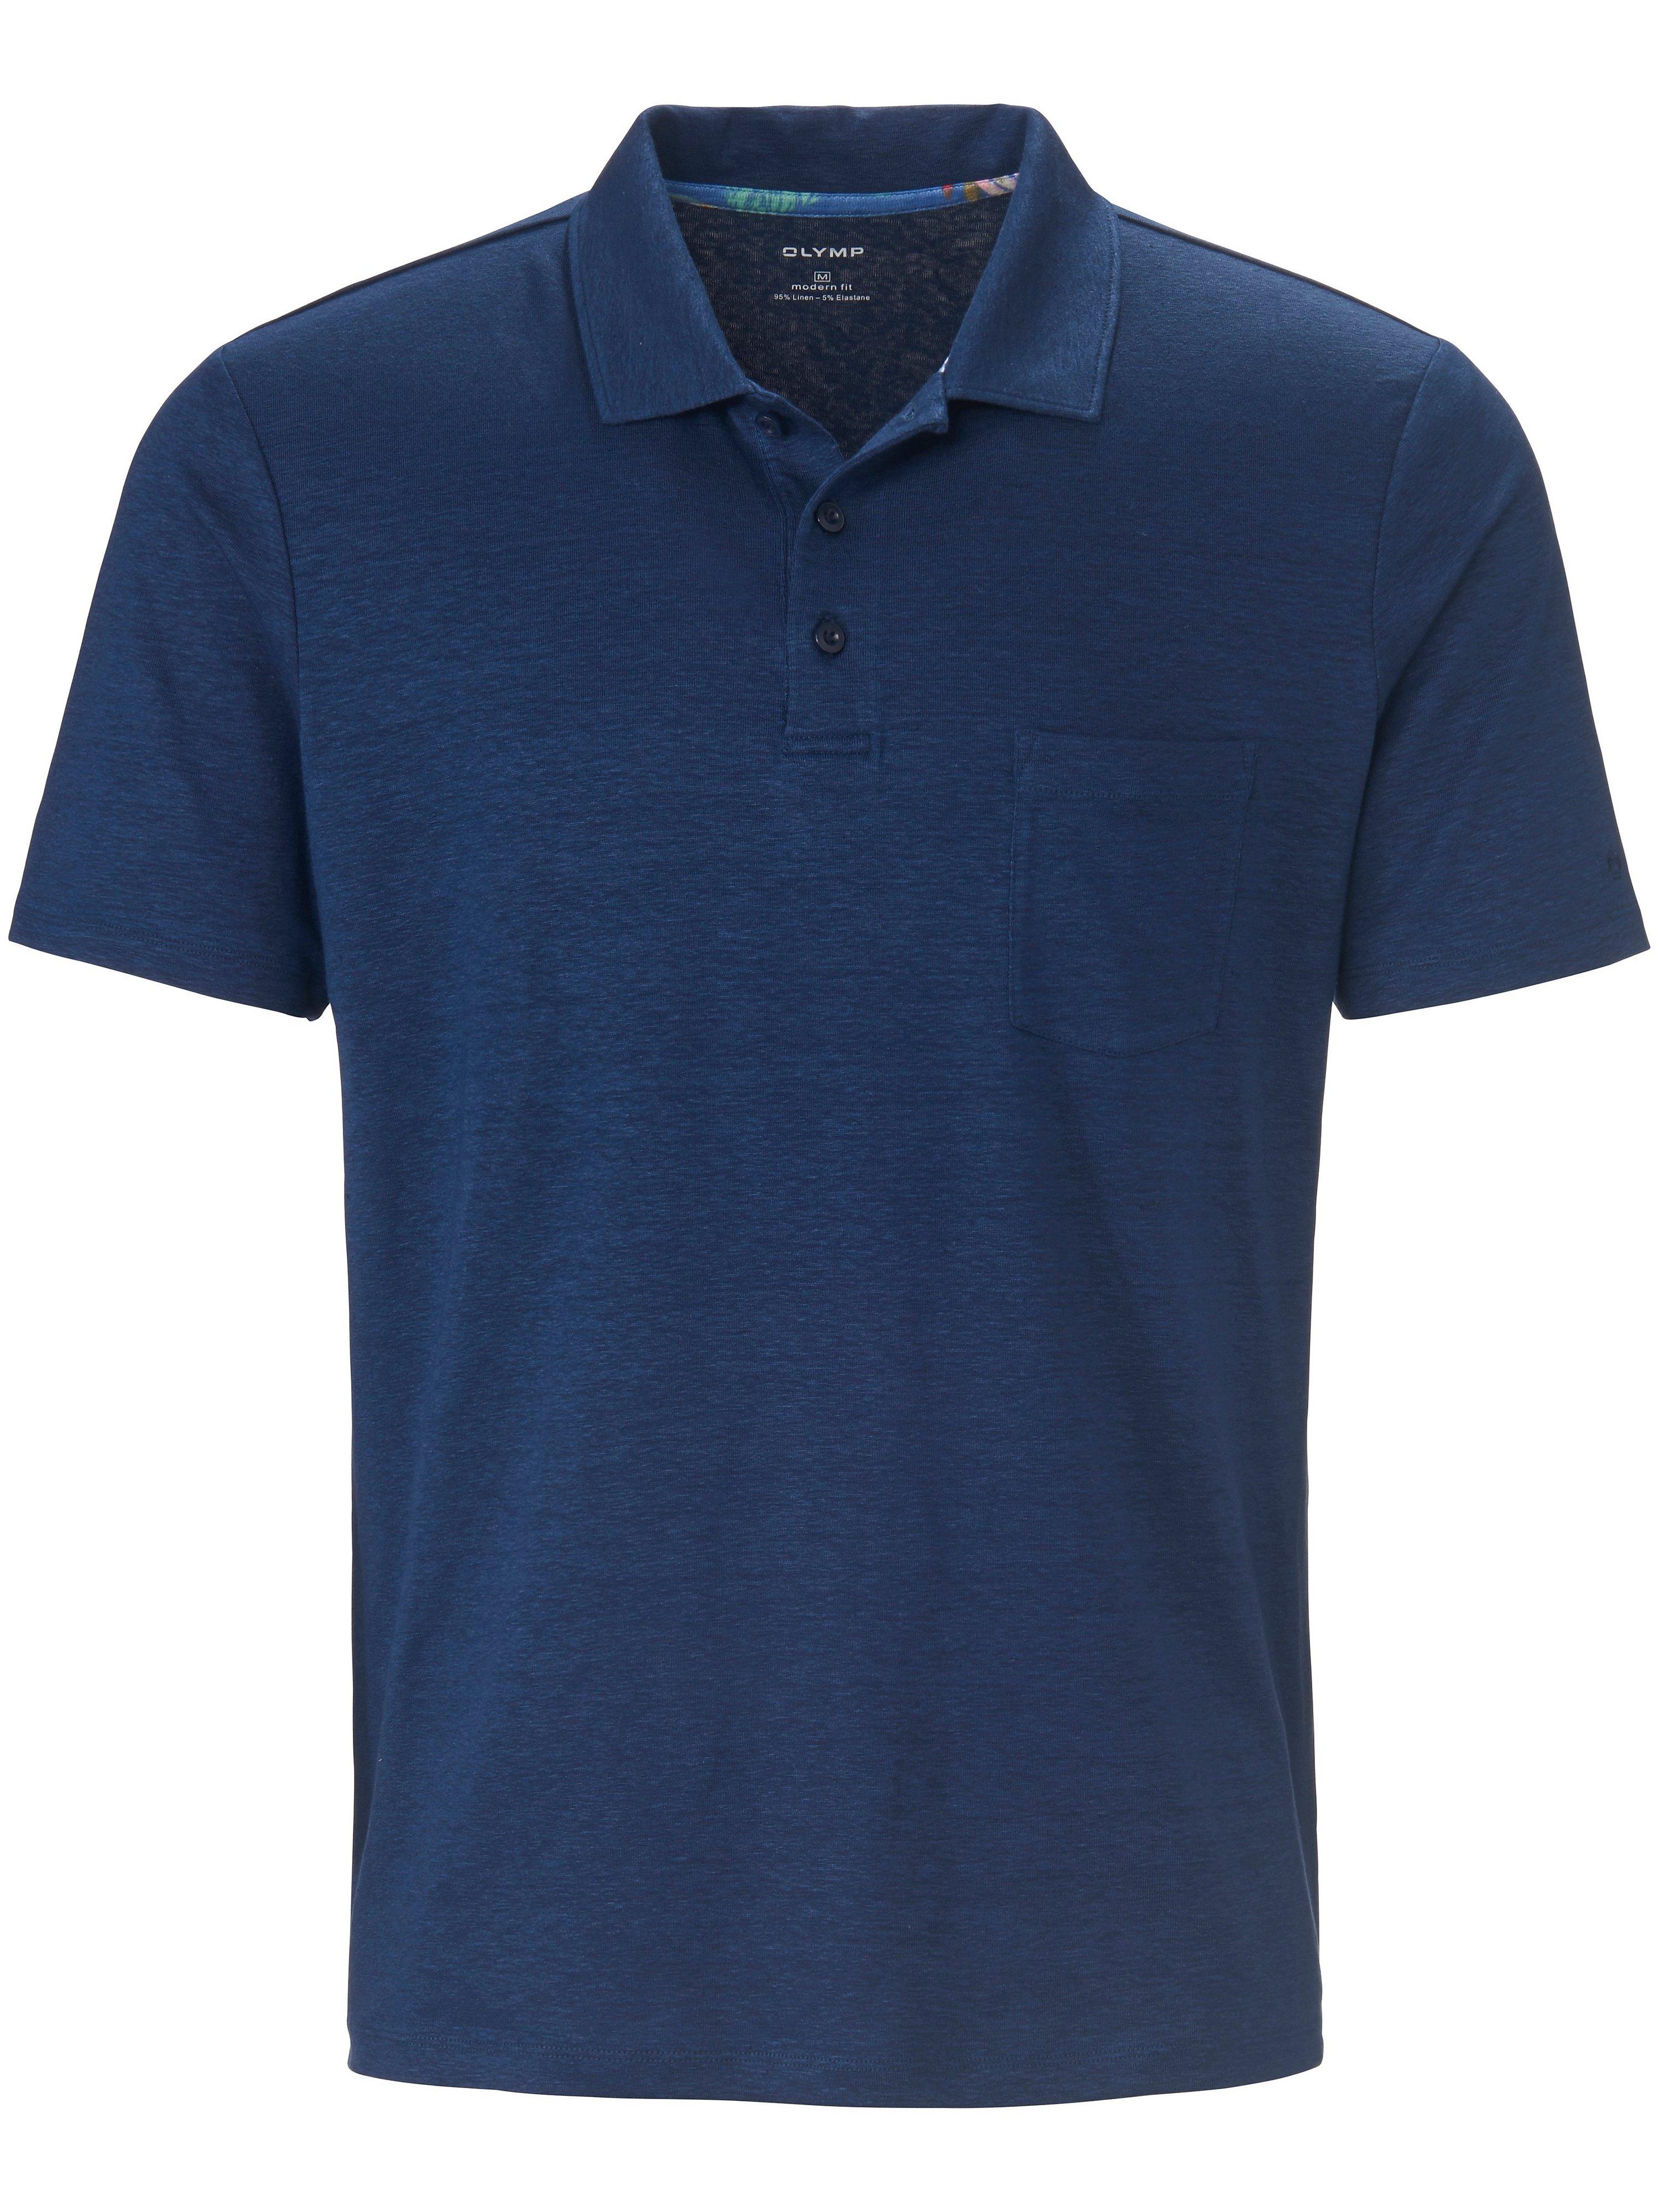 Poloshirt korte mouwen en borstzak Van Olymp blauw